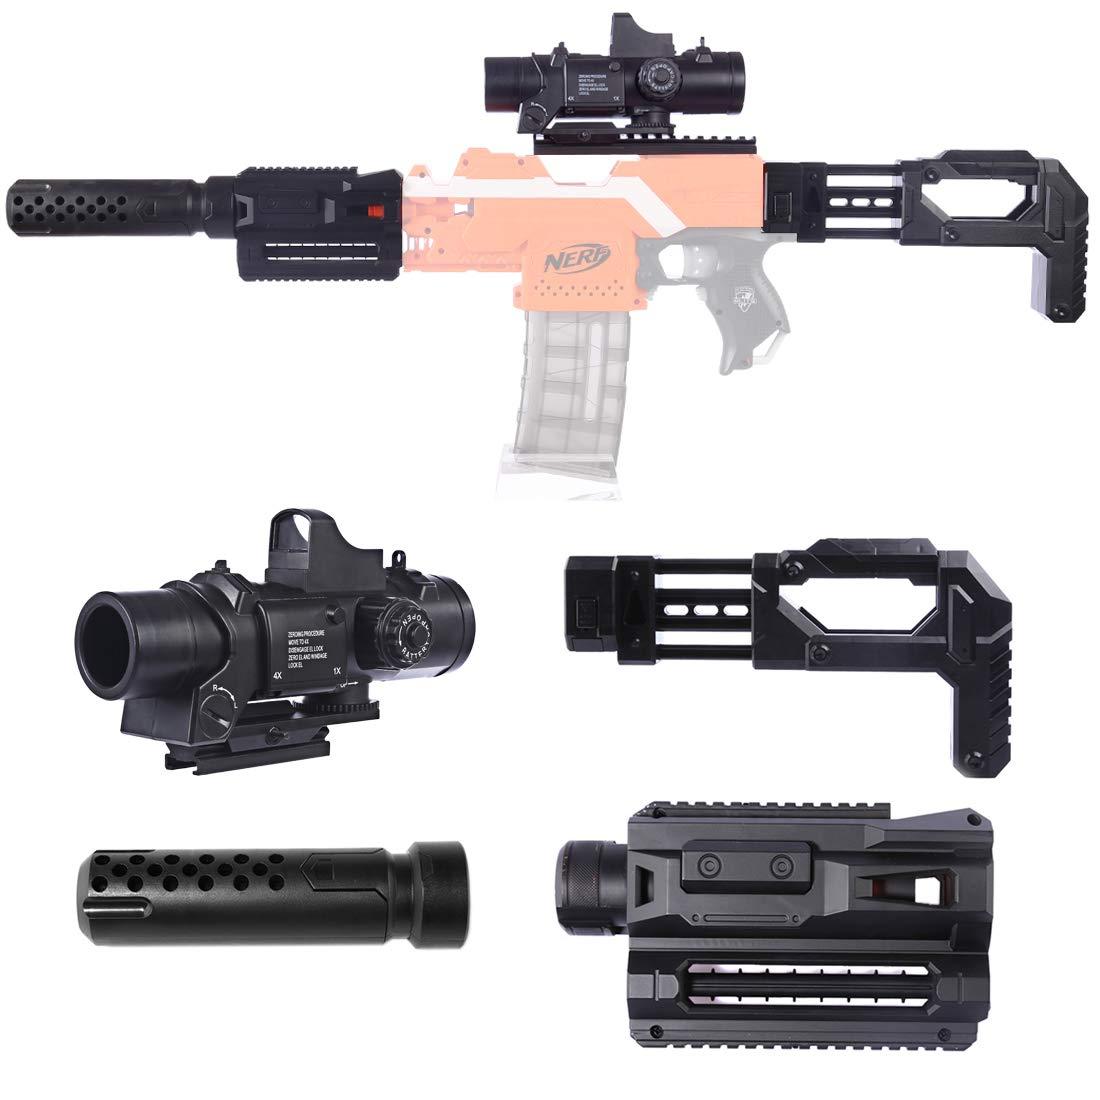 BOROK Upgrade Kit: Targeting Scope(Lens 6)+ Magazin Clip Holder+ Deco Silencer + Tube Adapter for Nerf Stryfe/Nerf Modulus IonFire/Motorized/ECS-10